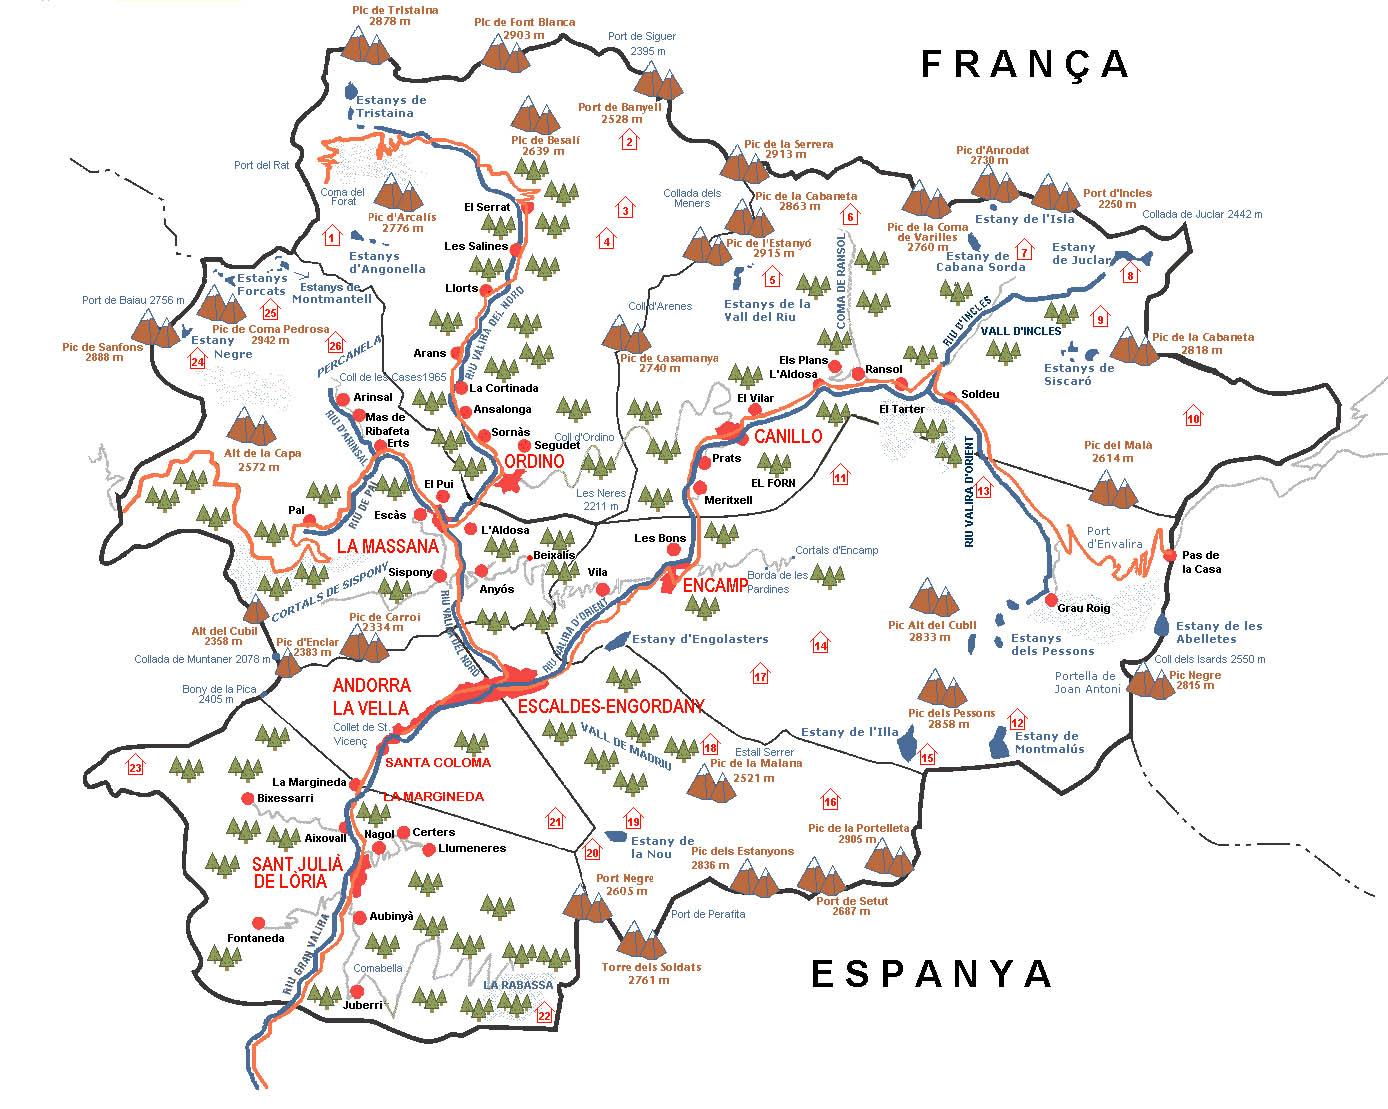 aeroportos em espanha mapa Mapas da cidade de Andorra | MapasBlog aeroportos em espanha mapa